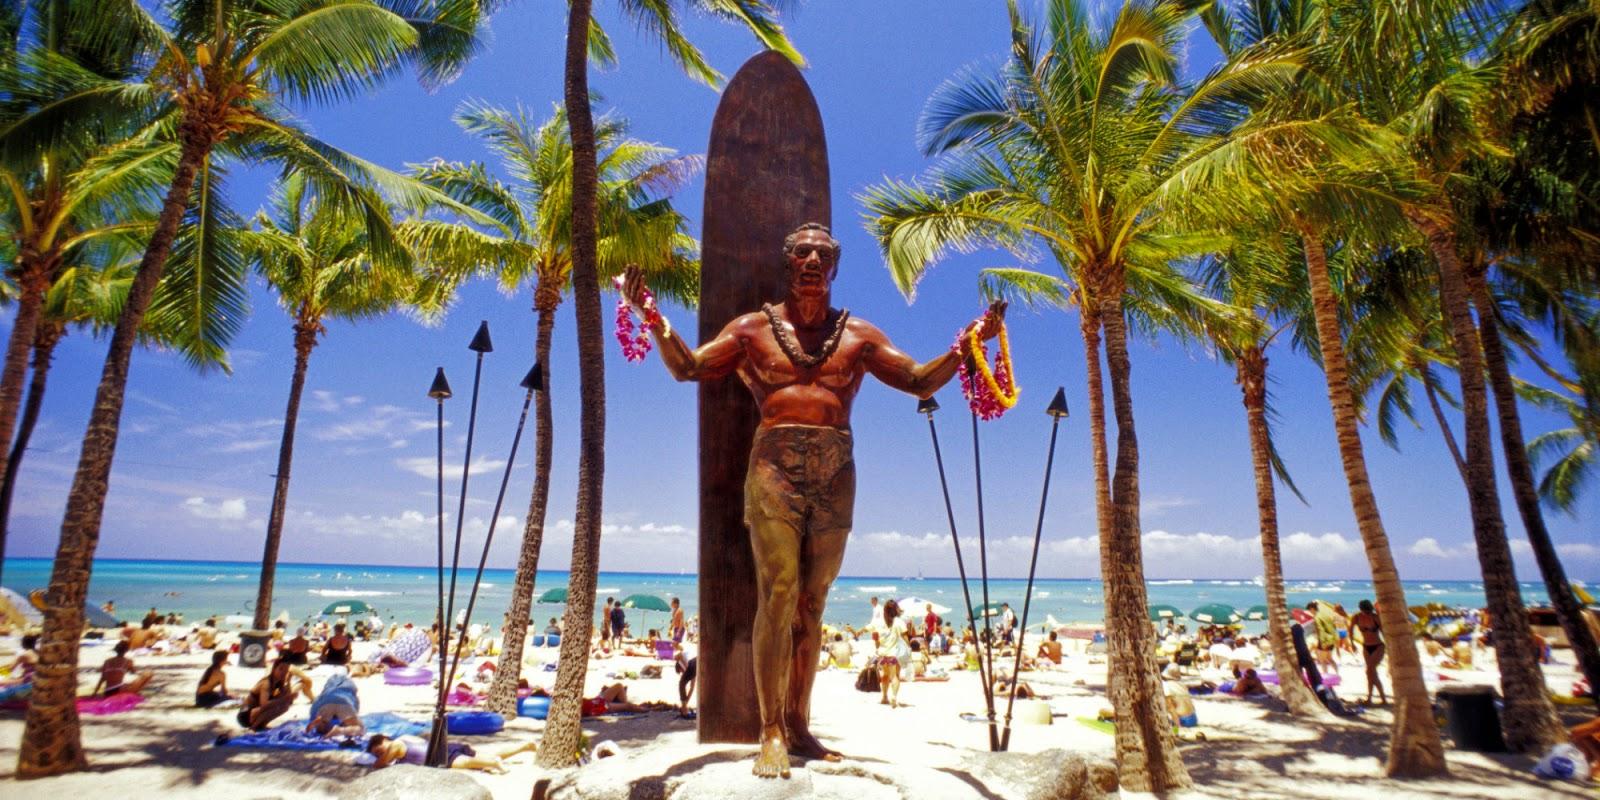 Hale Ku'ai Aloha 96815: Duke Kahanamoku Beach Challange